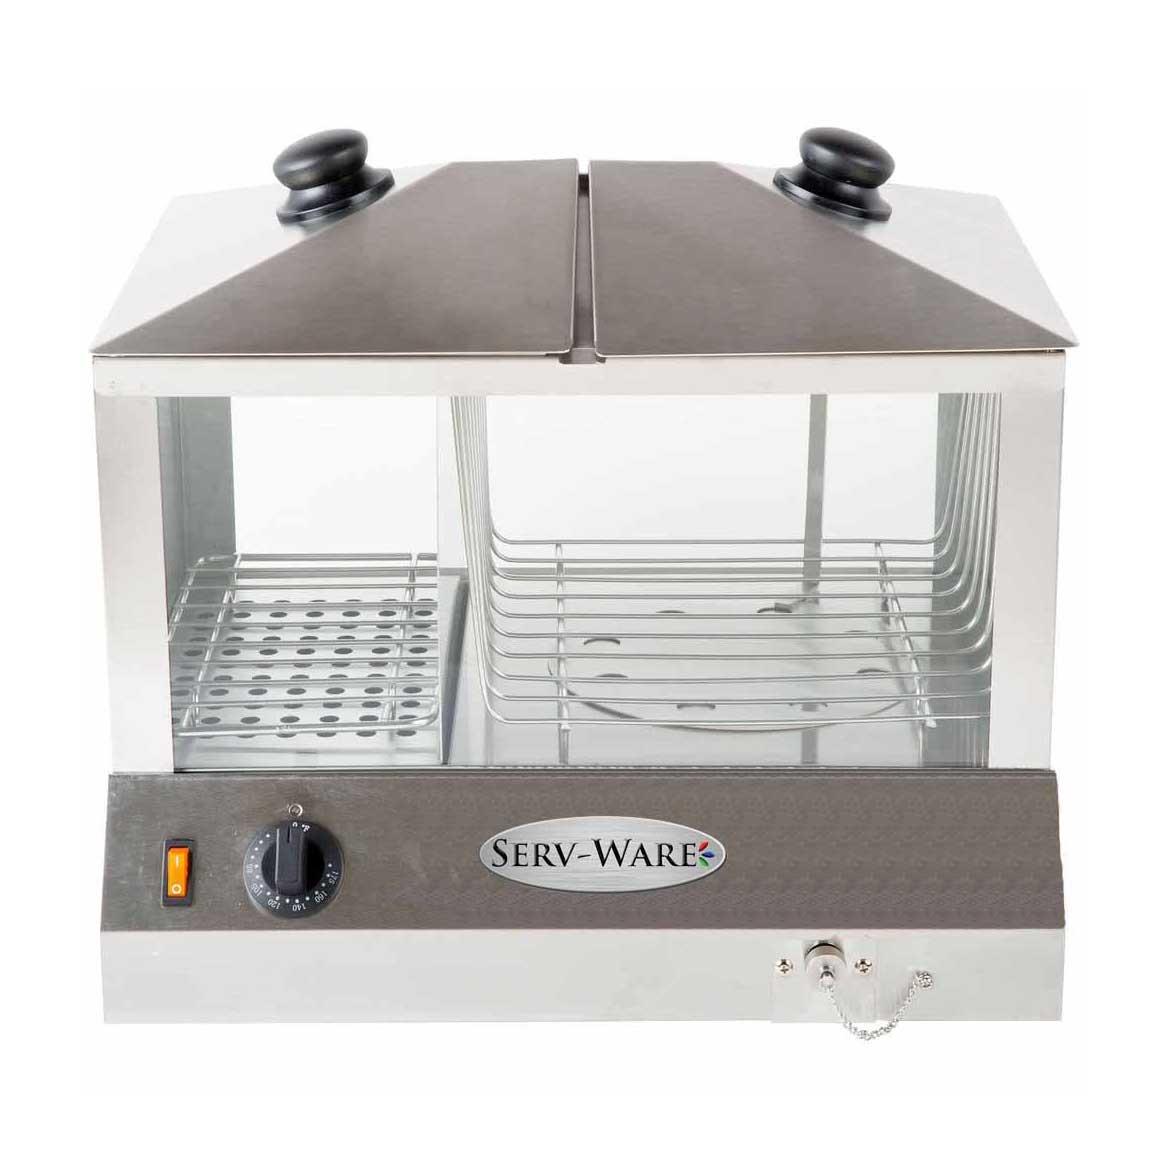 Serv-Ware EHS-01 hot dog steamer